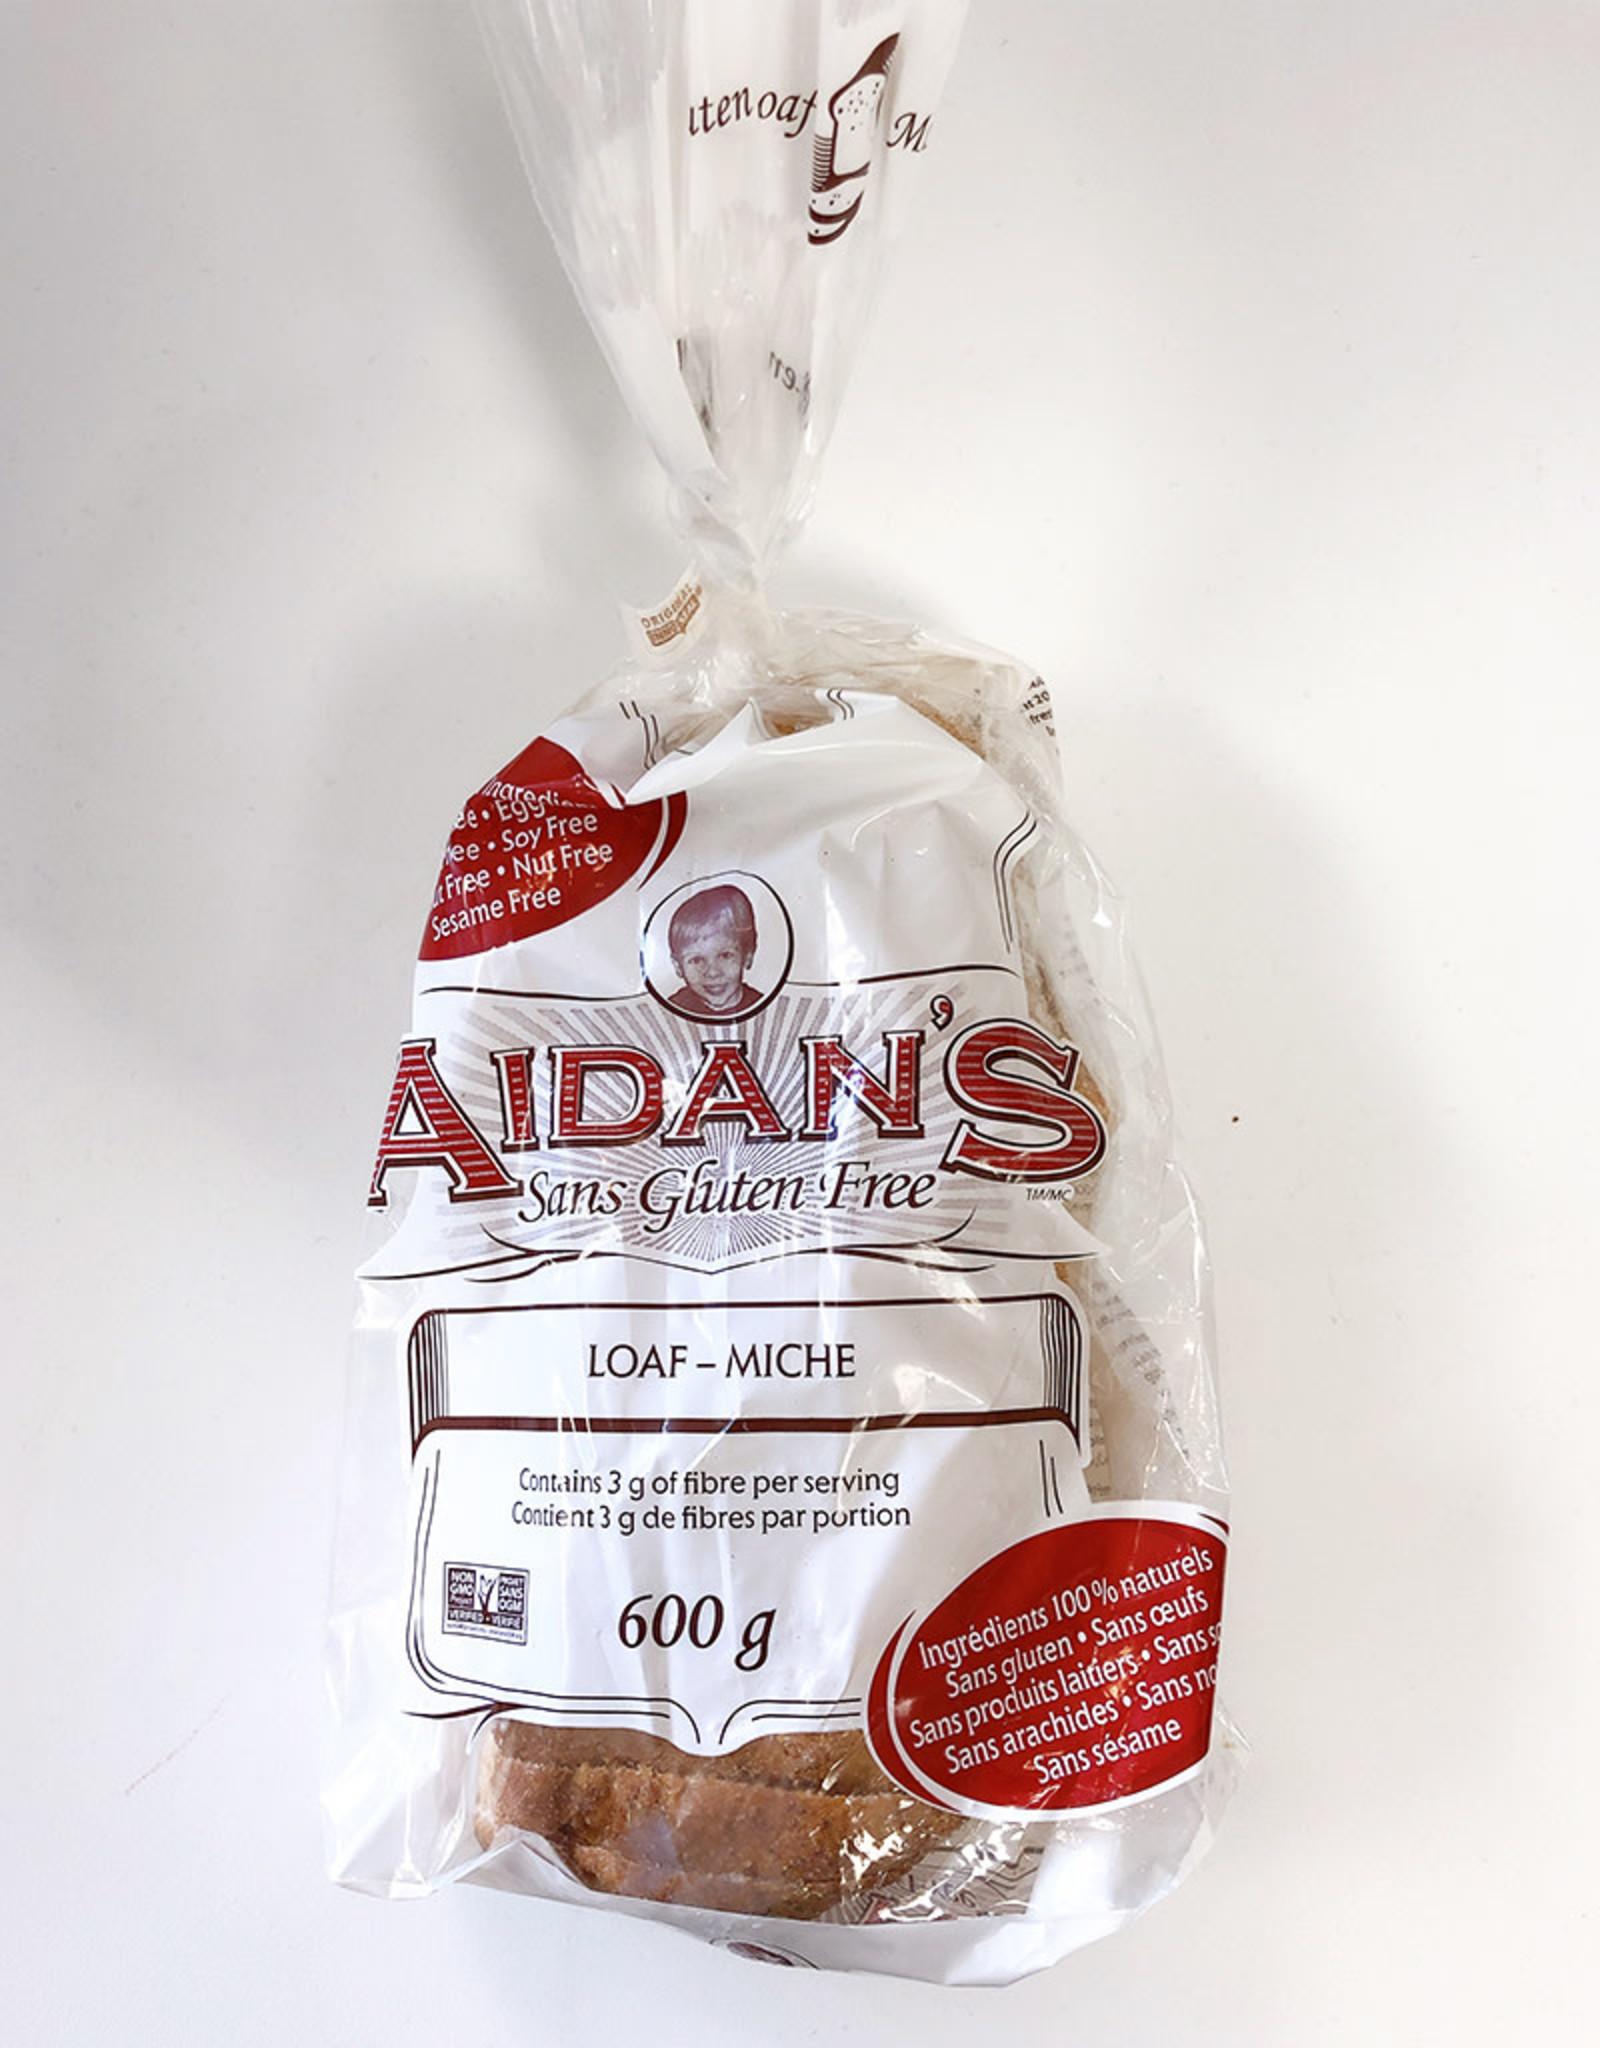 Aidan's Gluten Free Aidans Gluten Free - Bread